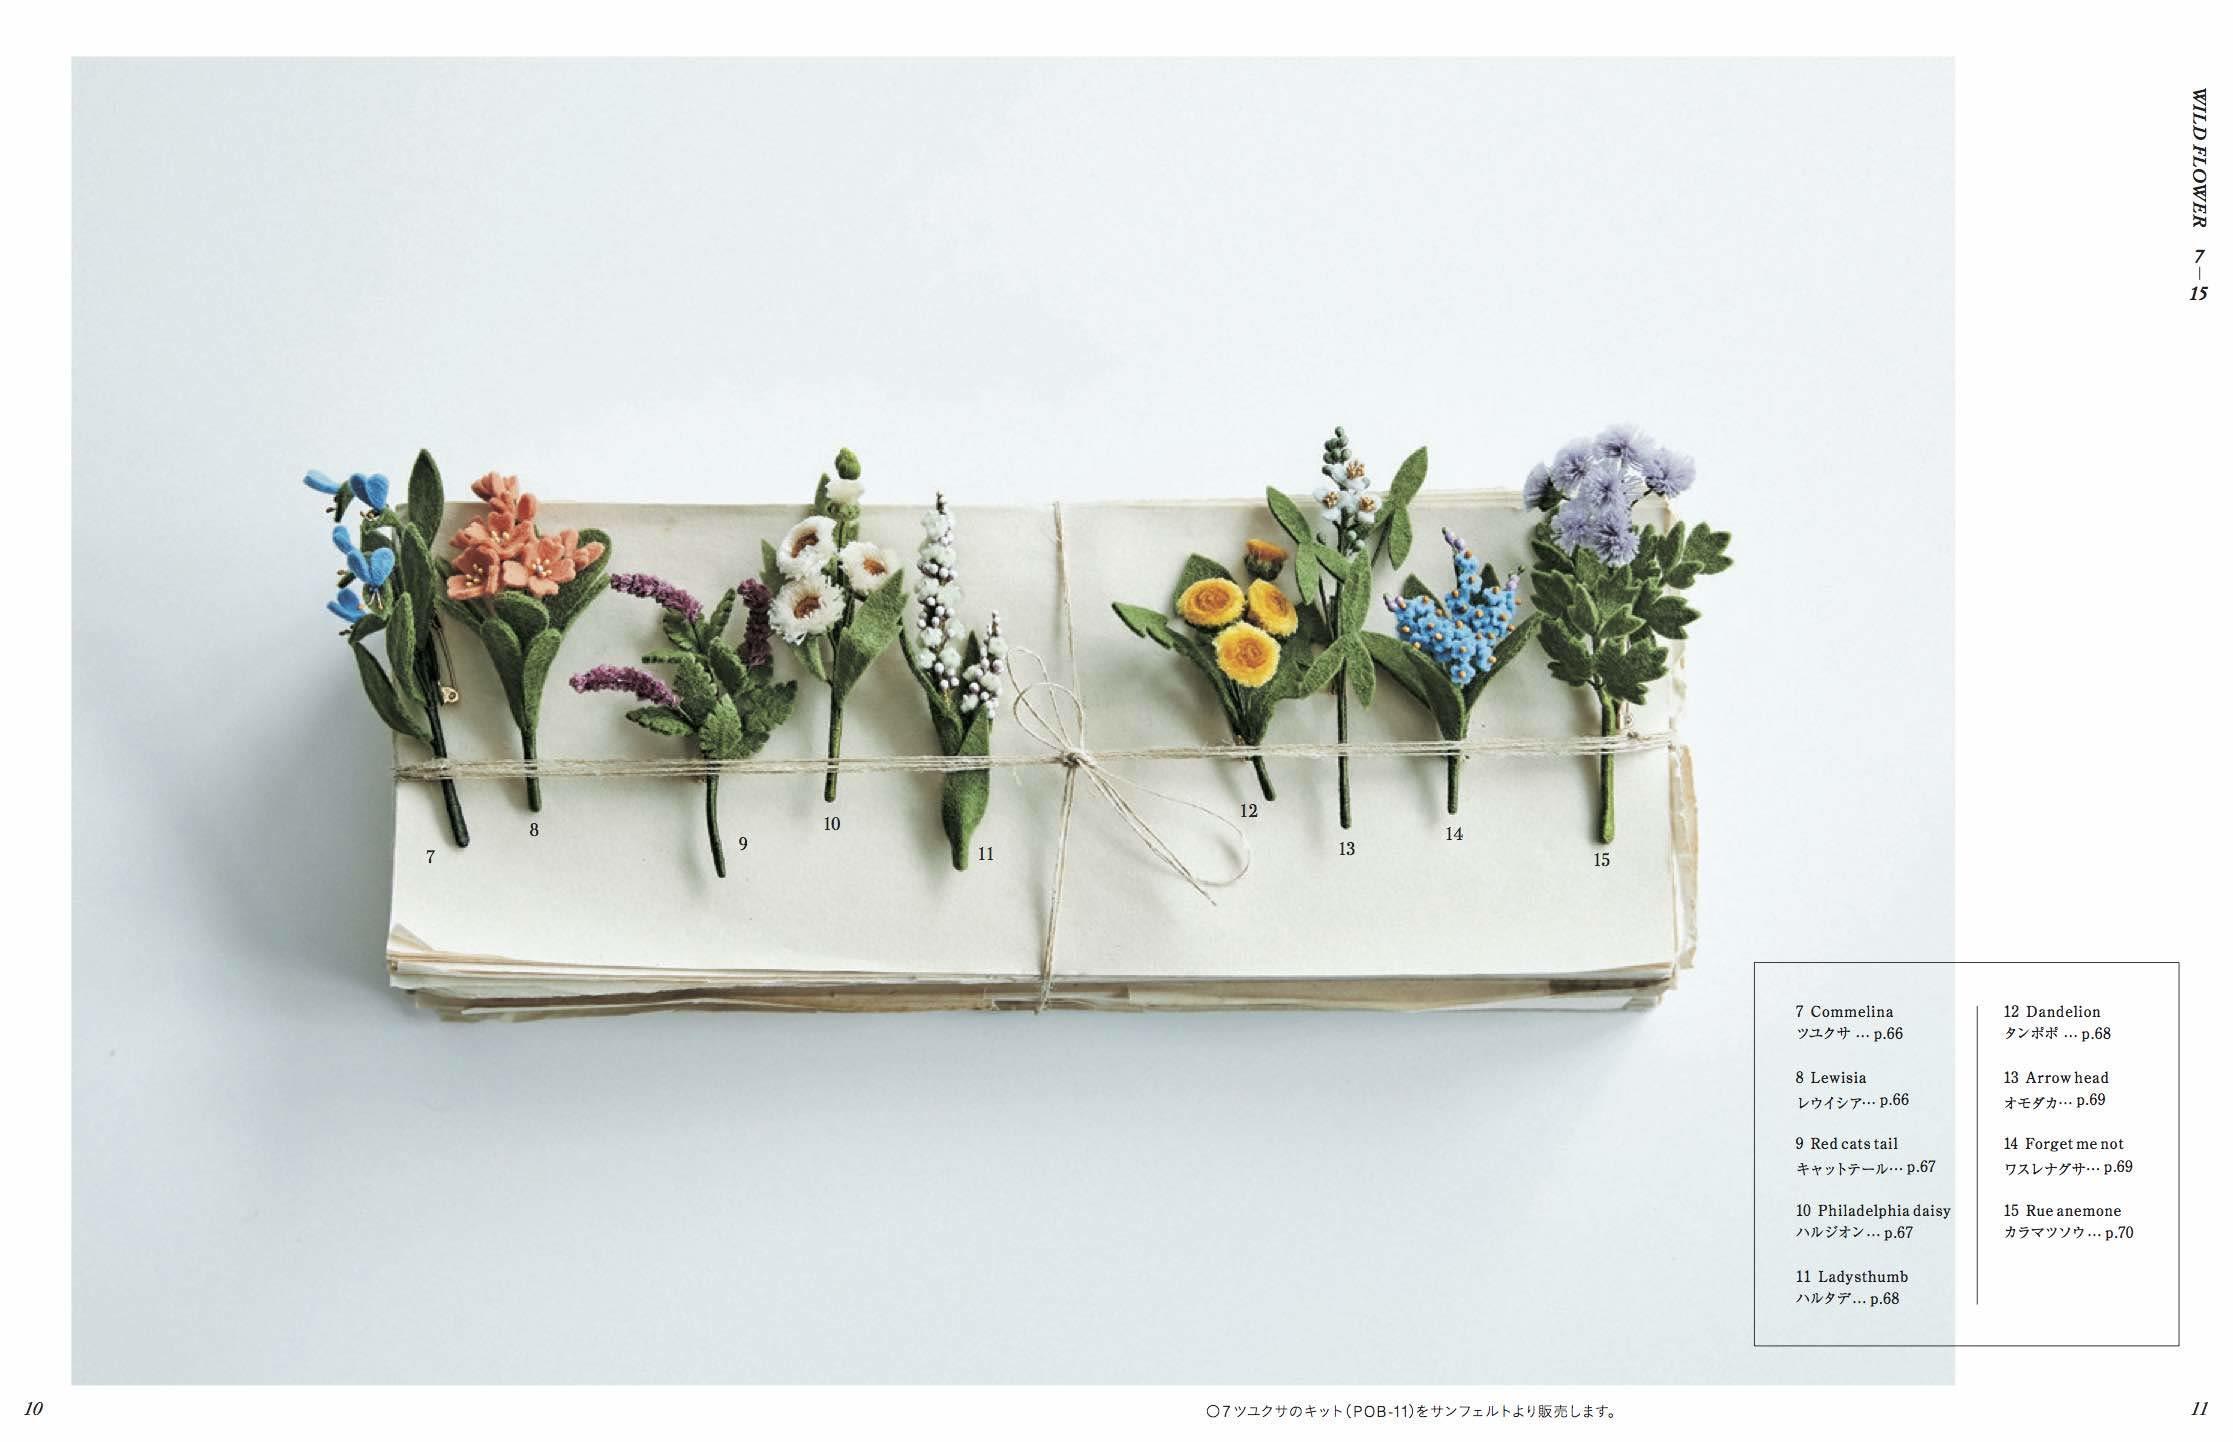 新刊「いちばんちいさなフェルトの花アクセサリー」が予約発売されました_e0333647_15082481.jpg